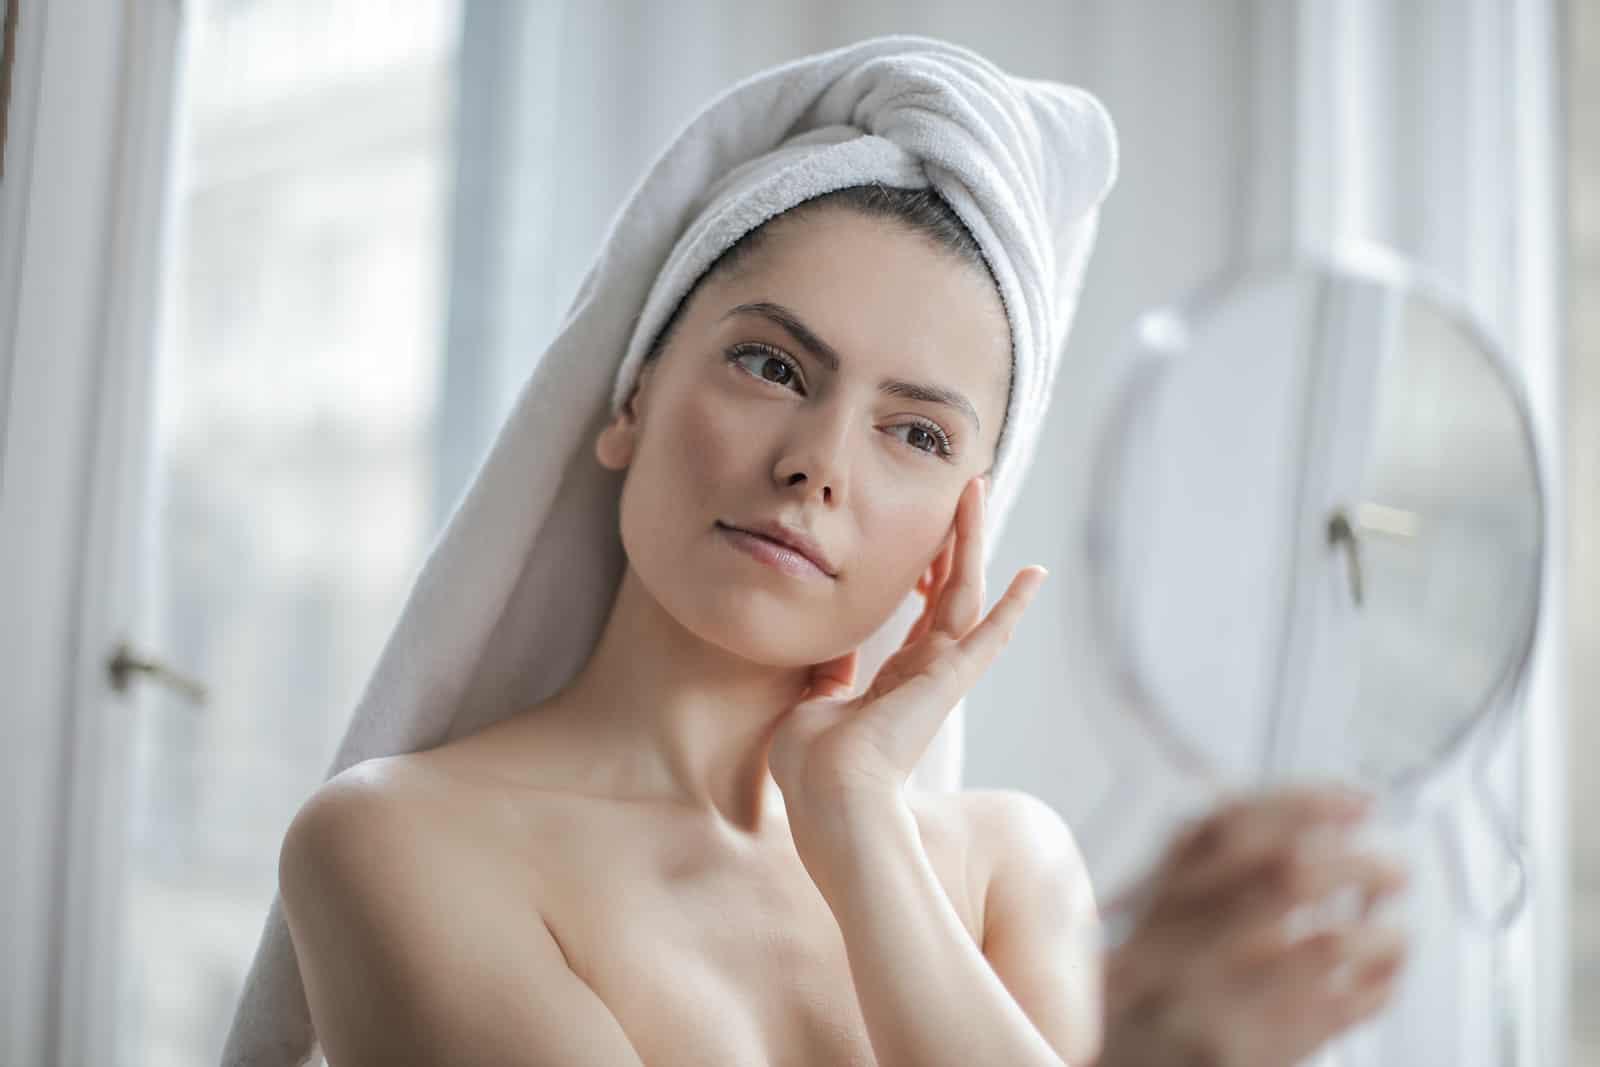 Frau mit Handtuch auf dem Kopf schaut sich in den Spiegel